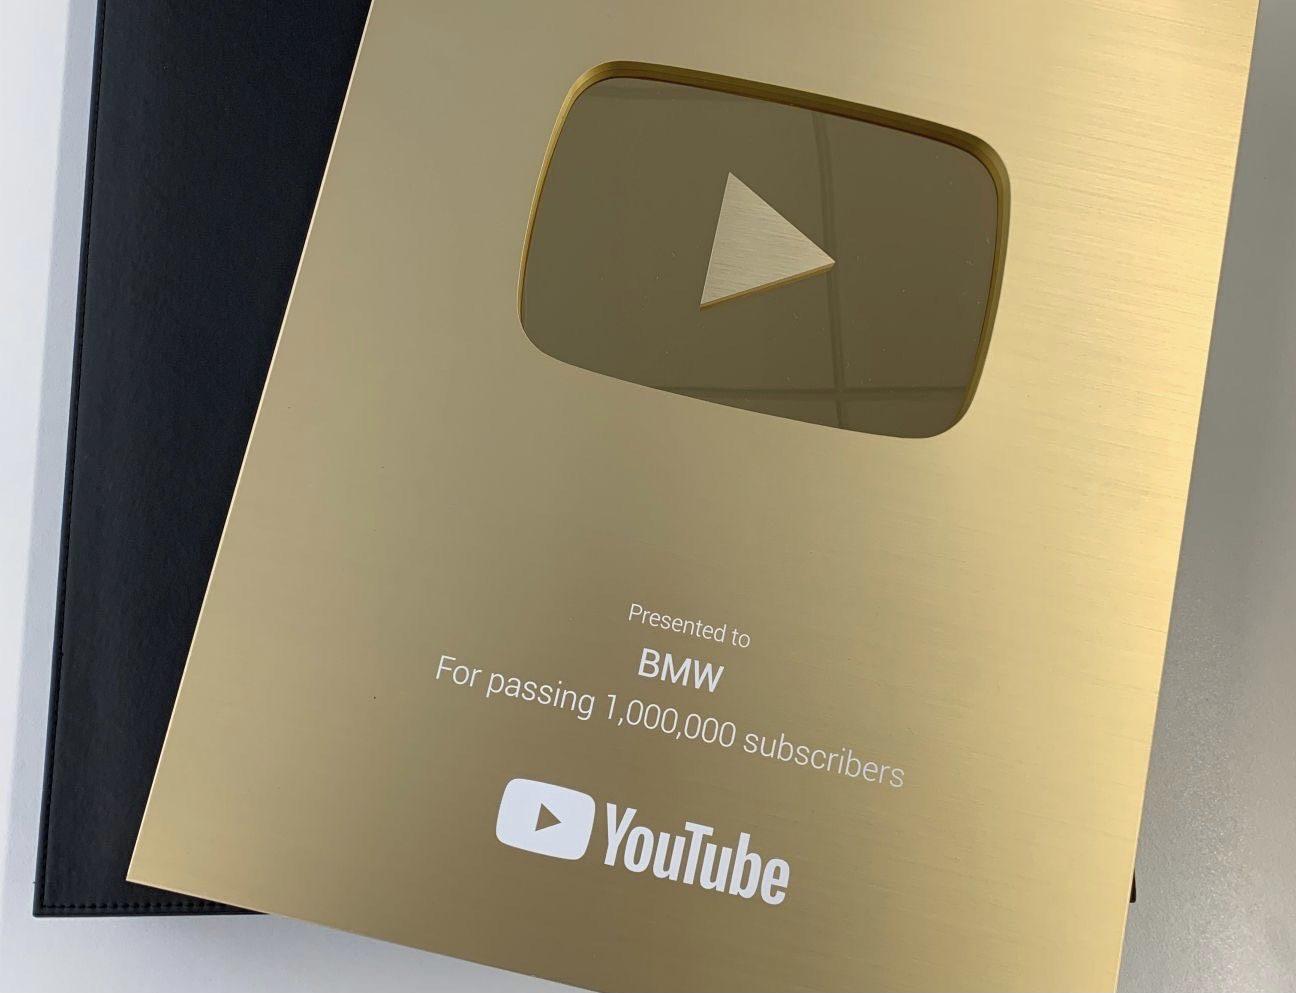 แตะหลักล้านไม่ใช่เรื่องง่ายๆ! YouTube มอบรางวัล Golden Button Award ให้ช่องยูทูปของ BMW ซึ่งล่าสุดมีผู้ติดตามถึง 1.14 ล้านบัญชีเข้าไปแล้ว